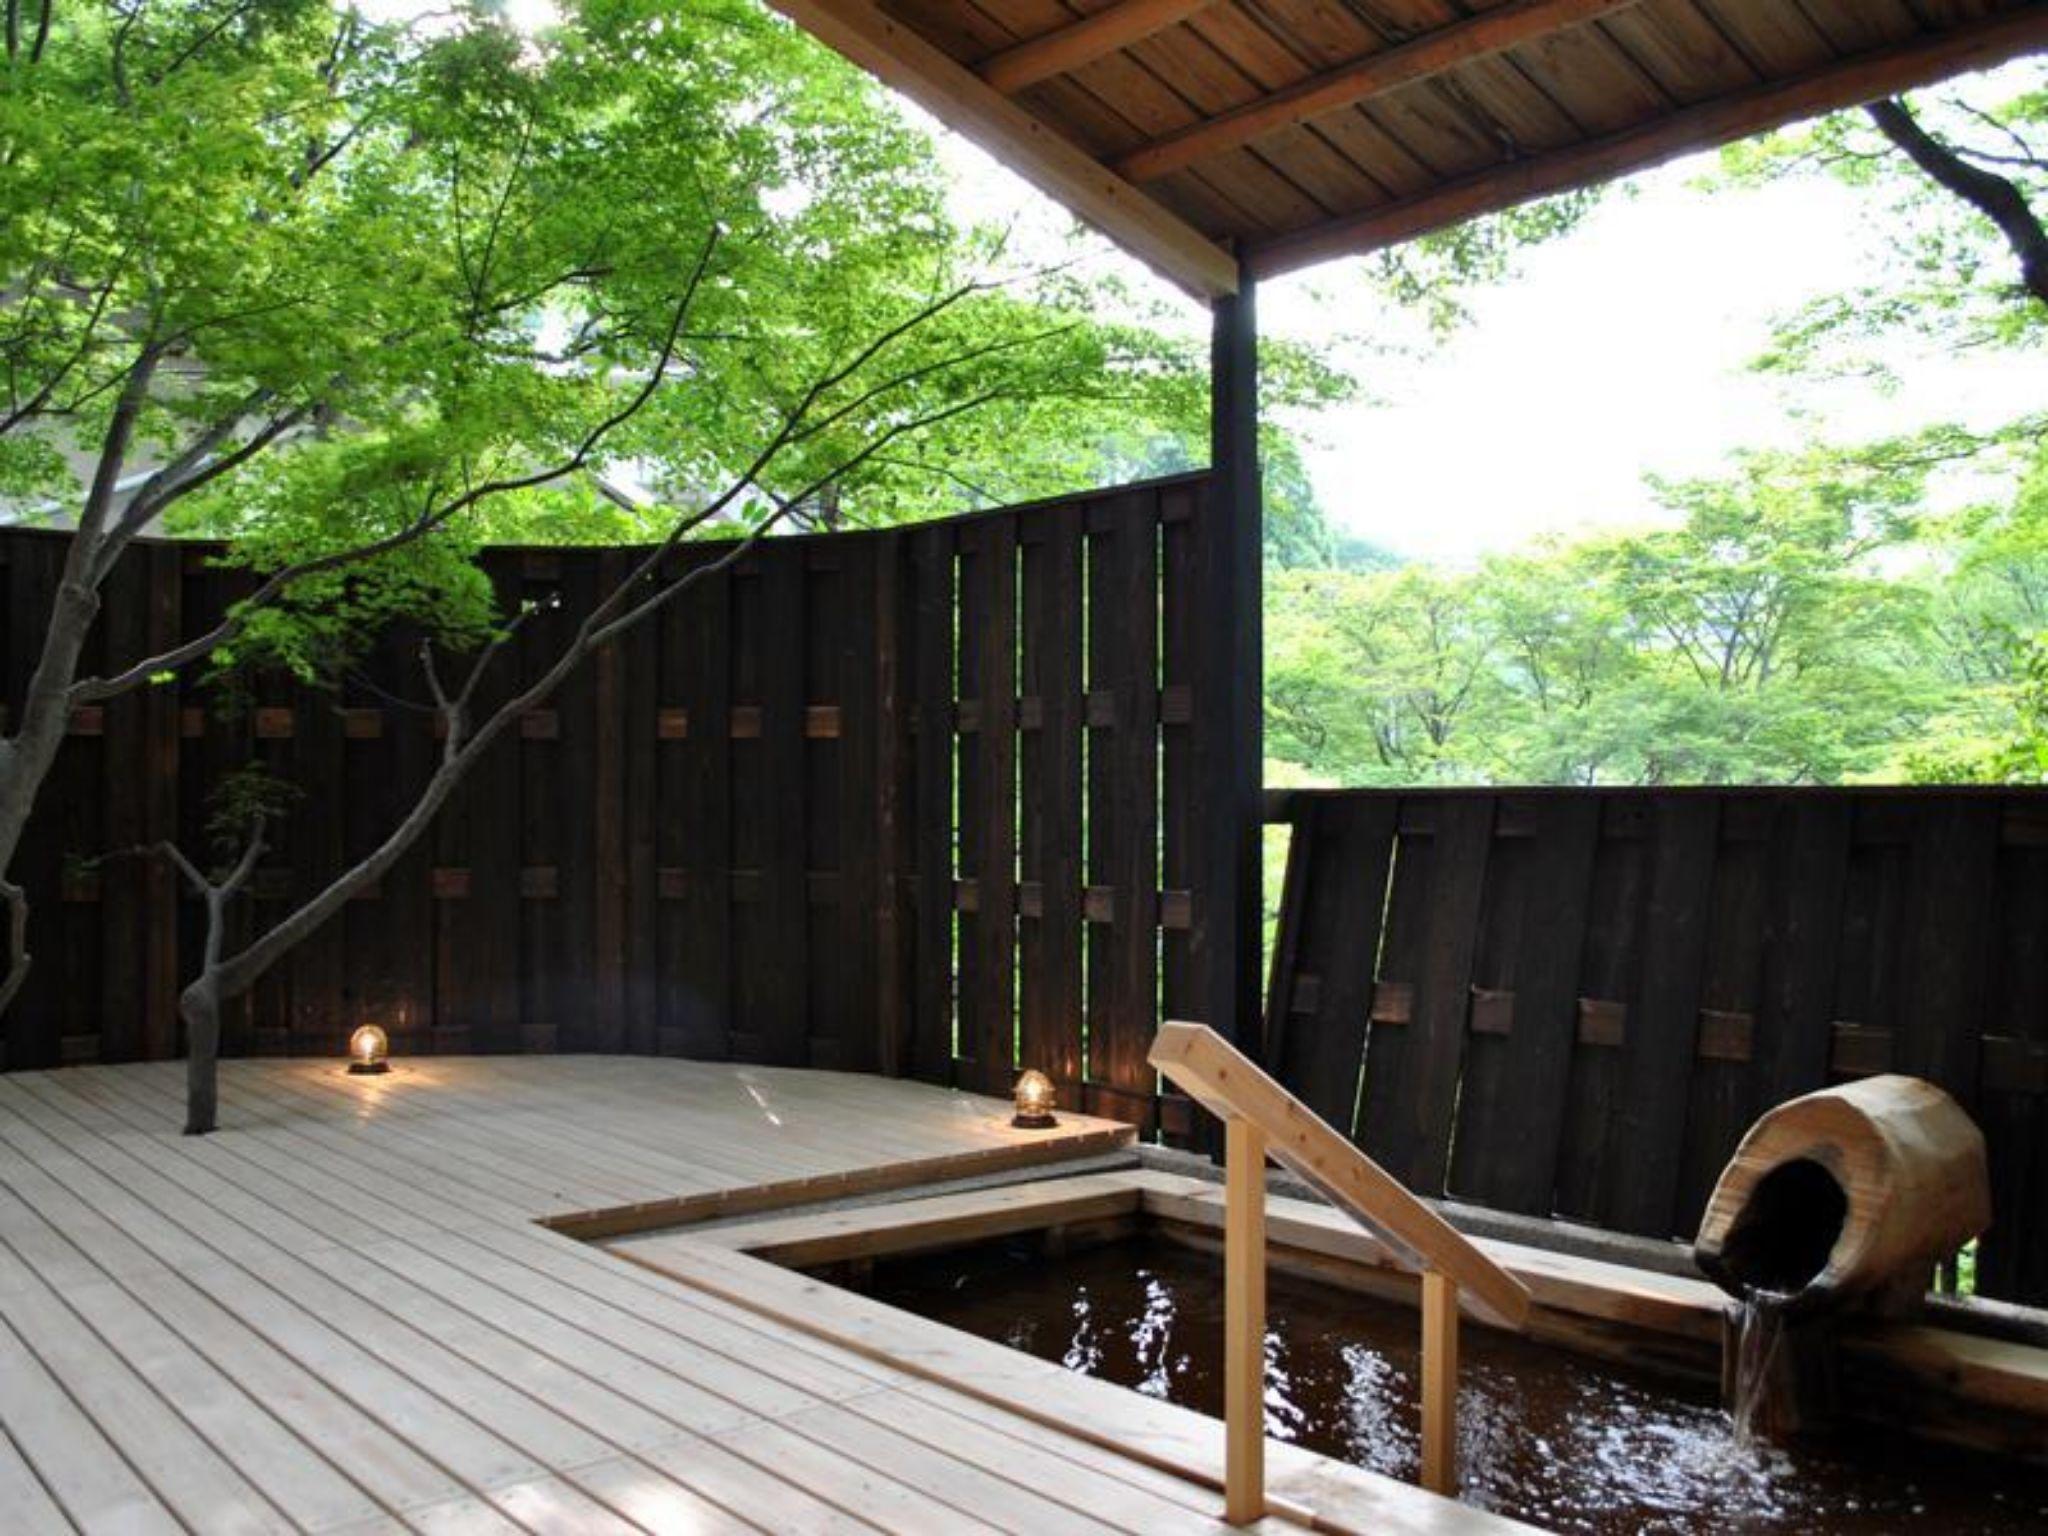 Negiya Traditional Japanese Spa Kobe Hotels Special Hotel